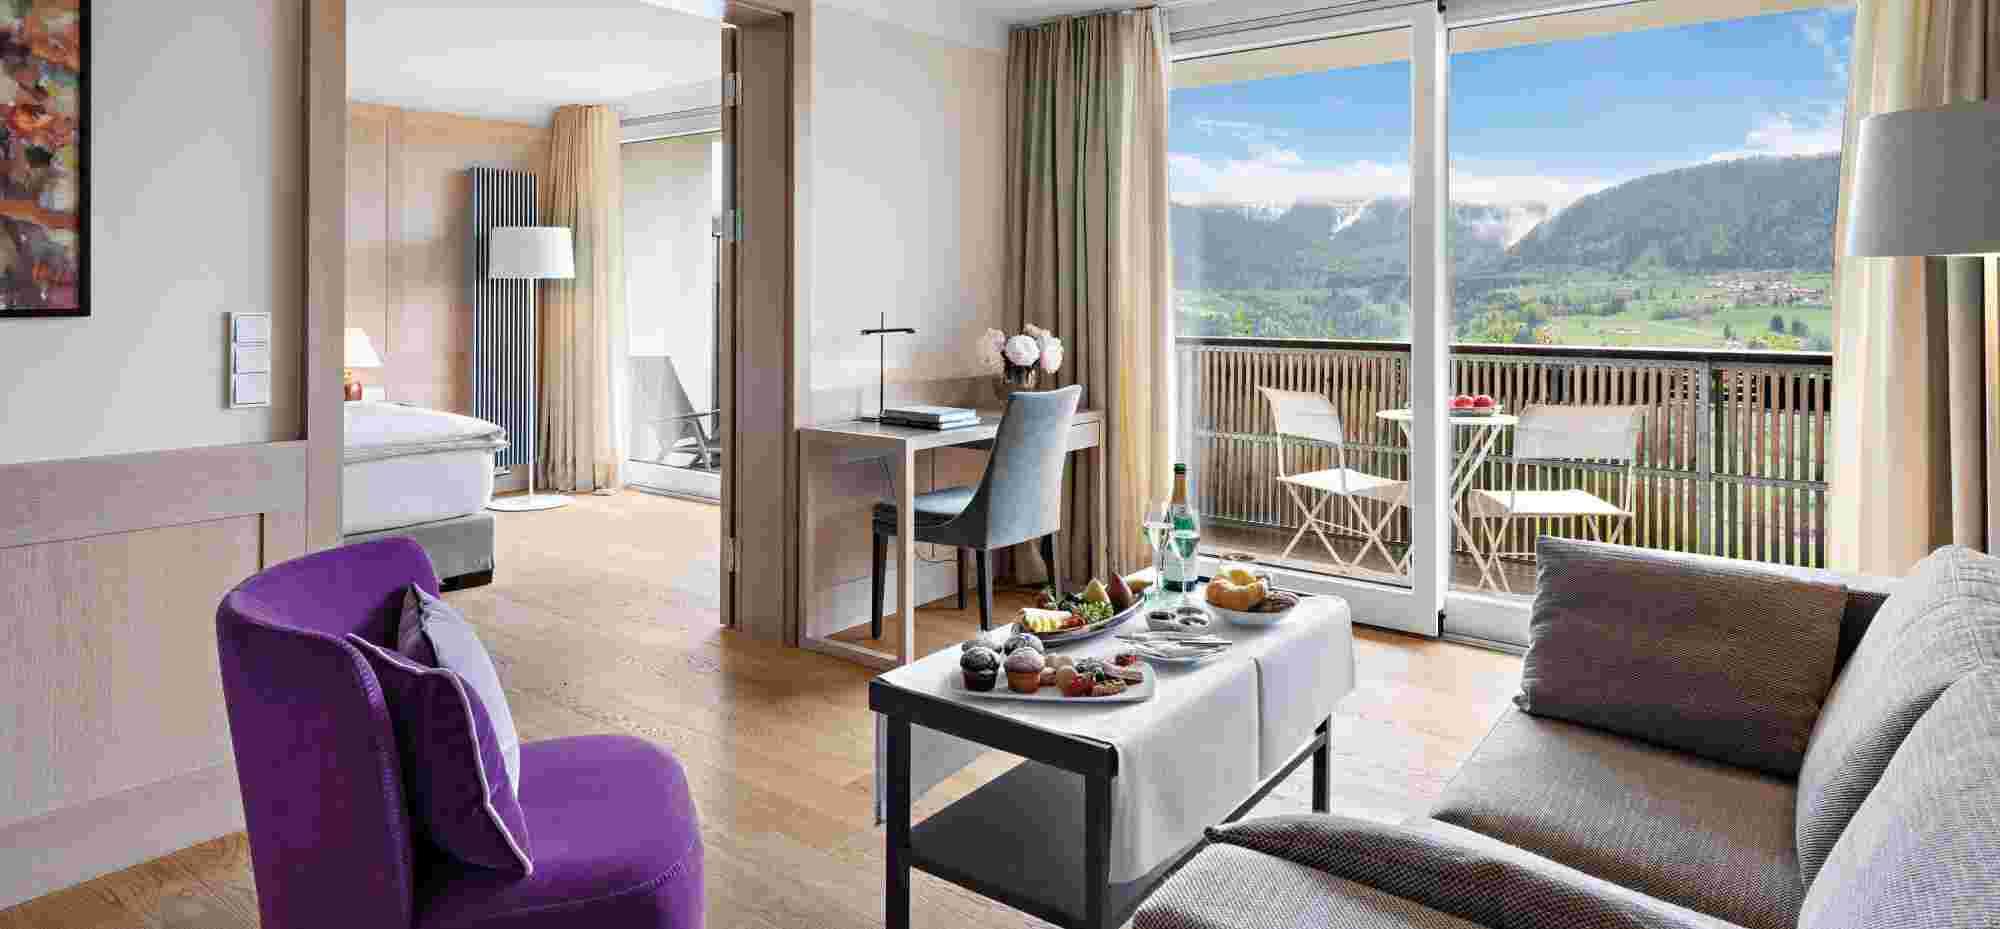 Juniorsuite mit toller Aussicht im 5 Sterne Hotel Allgäu Sonne in Oberstaufen